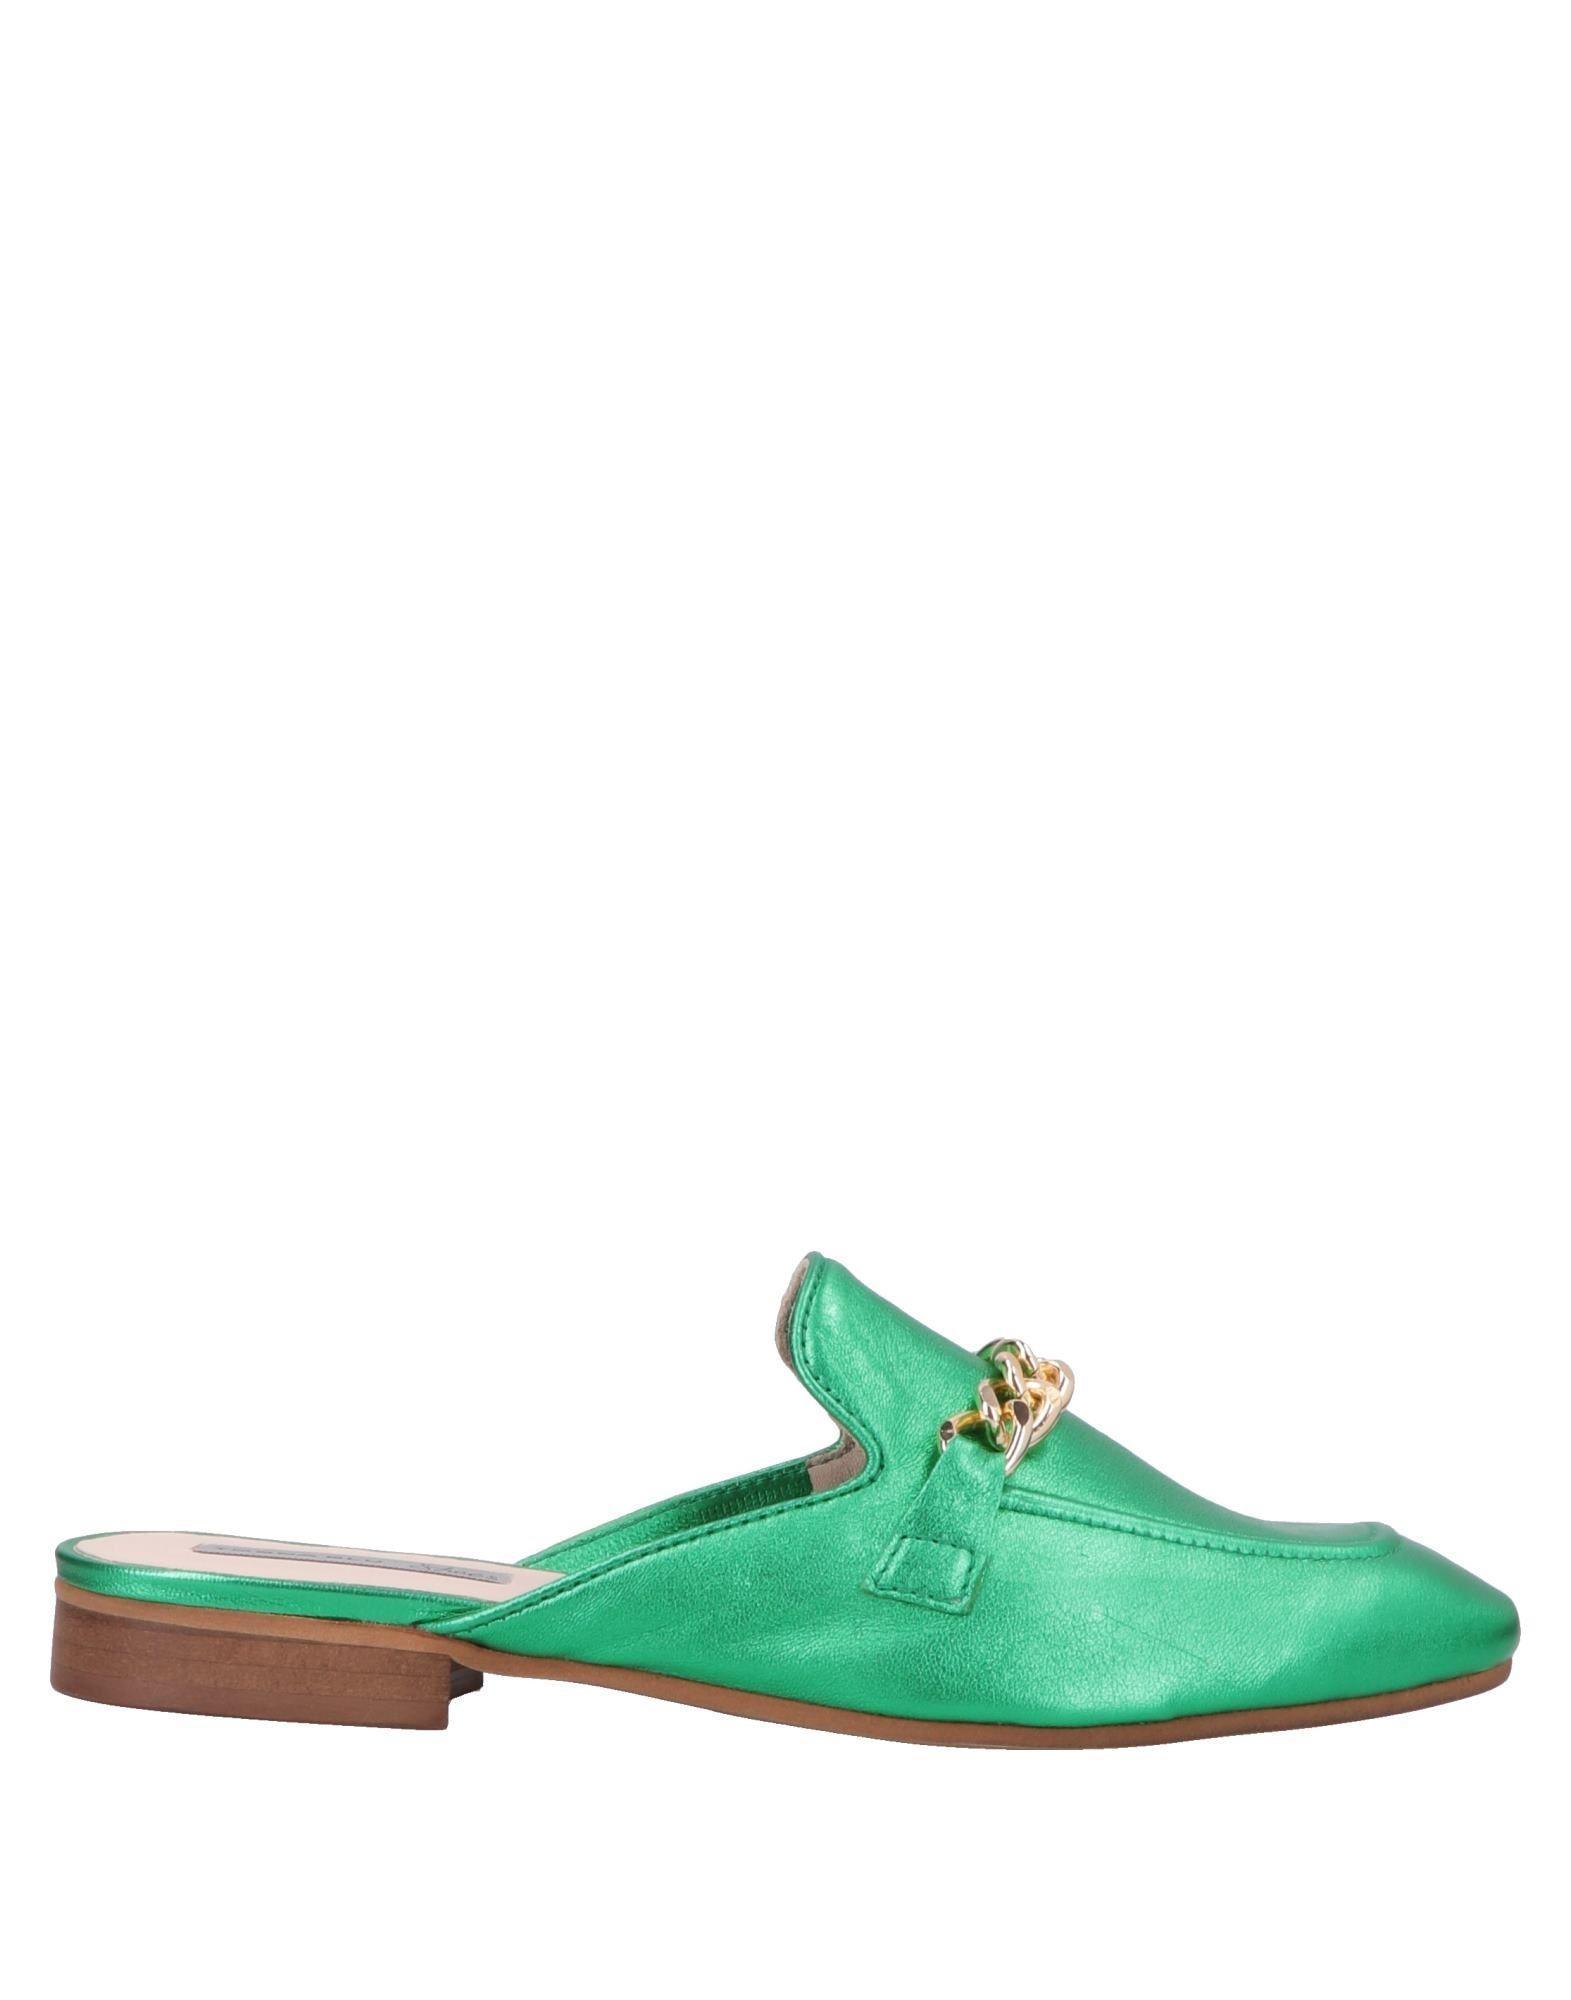 e14866e1df2af Tosca Blu Mules in Green - Lyst